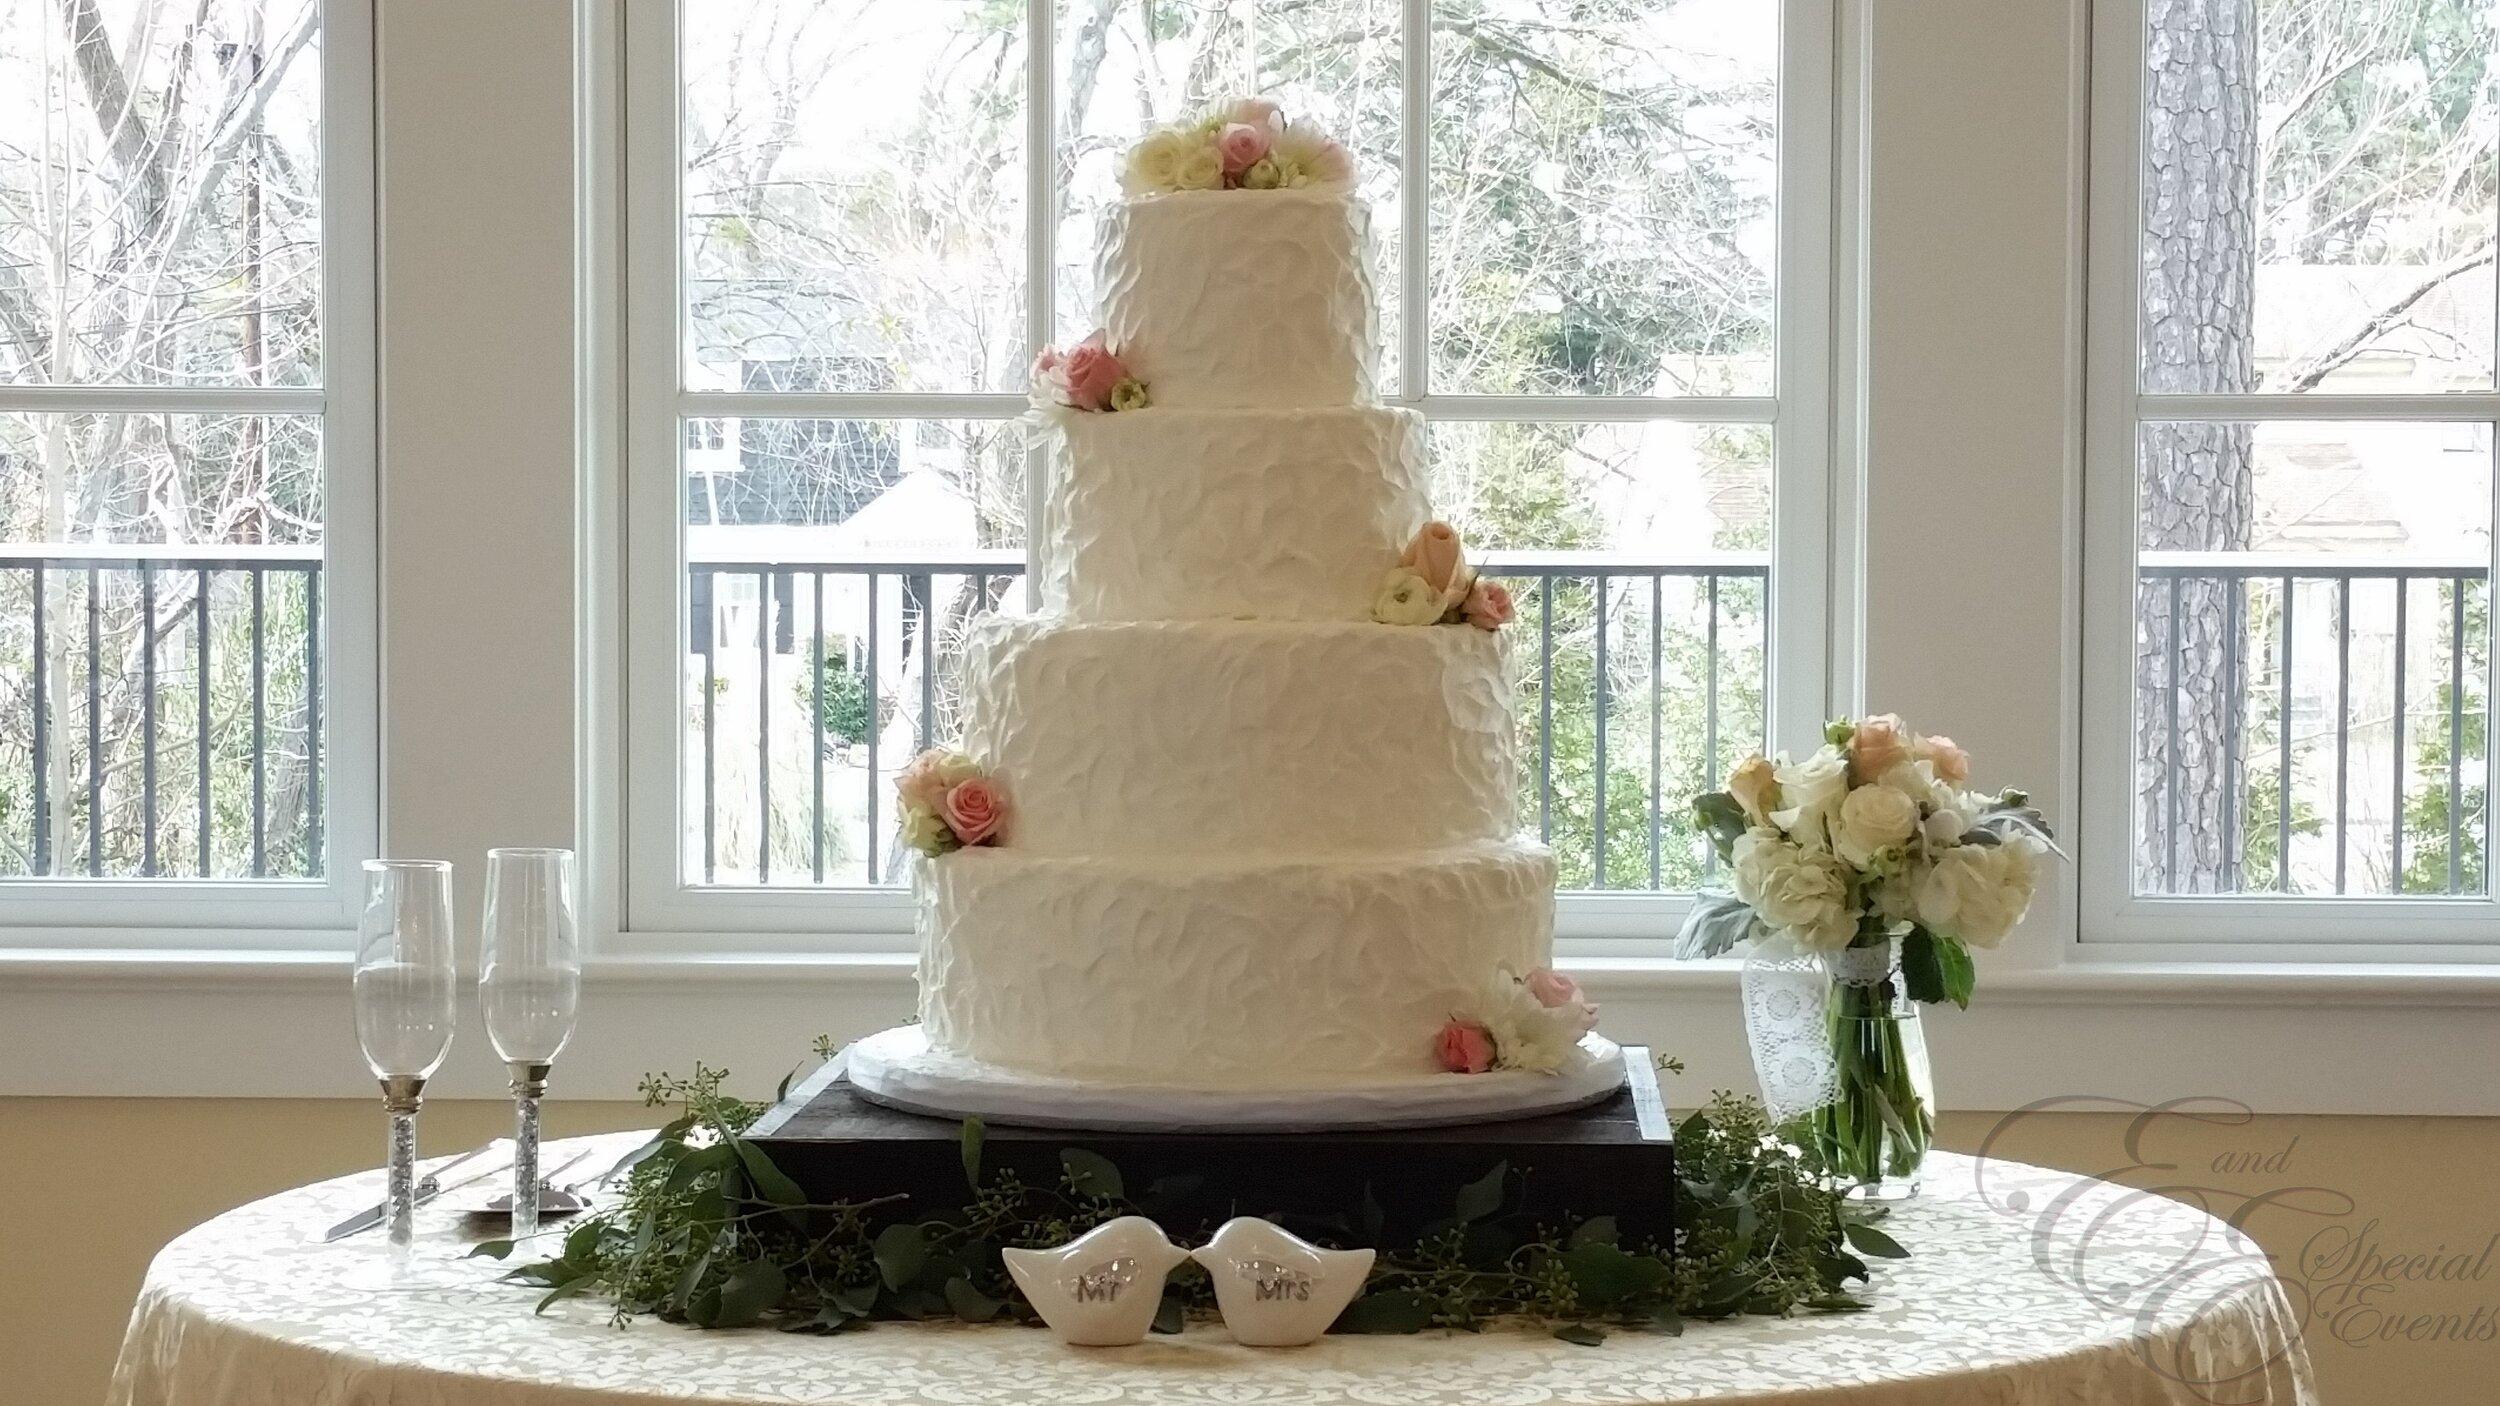 wedding_cakes_E_and_E_Special_Events_virginia_beach_27.jpg